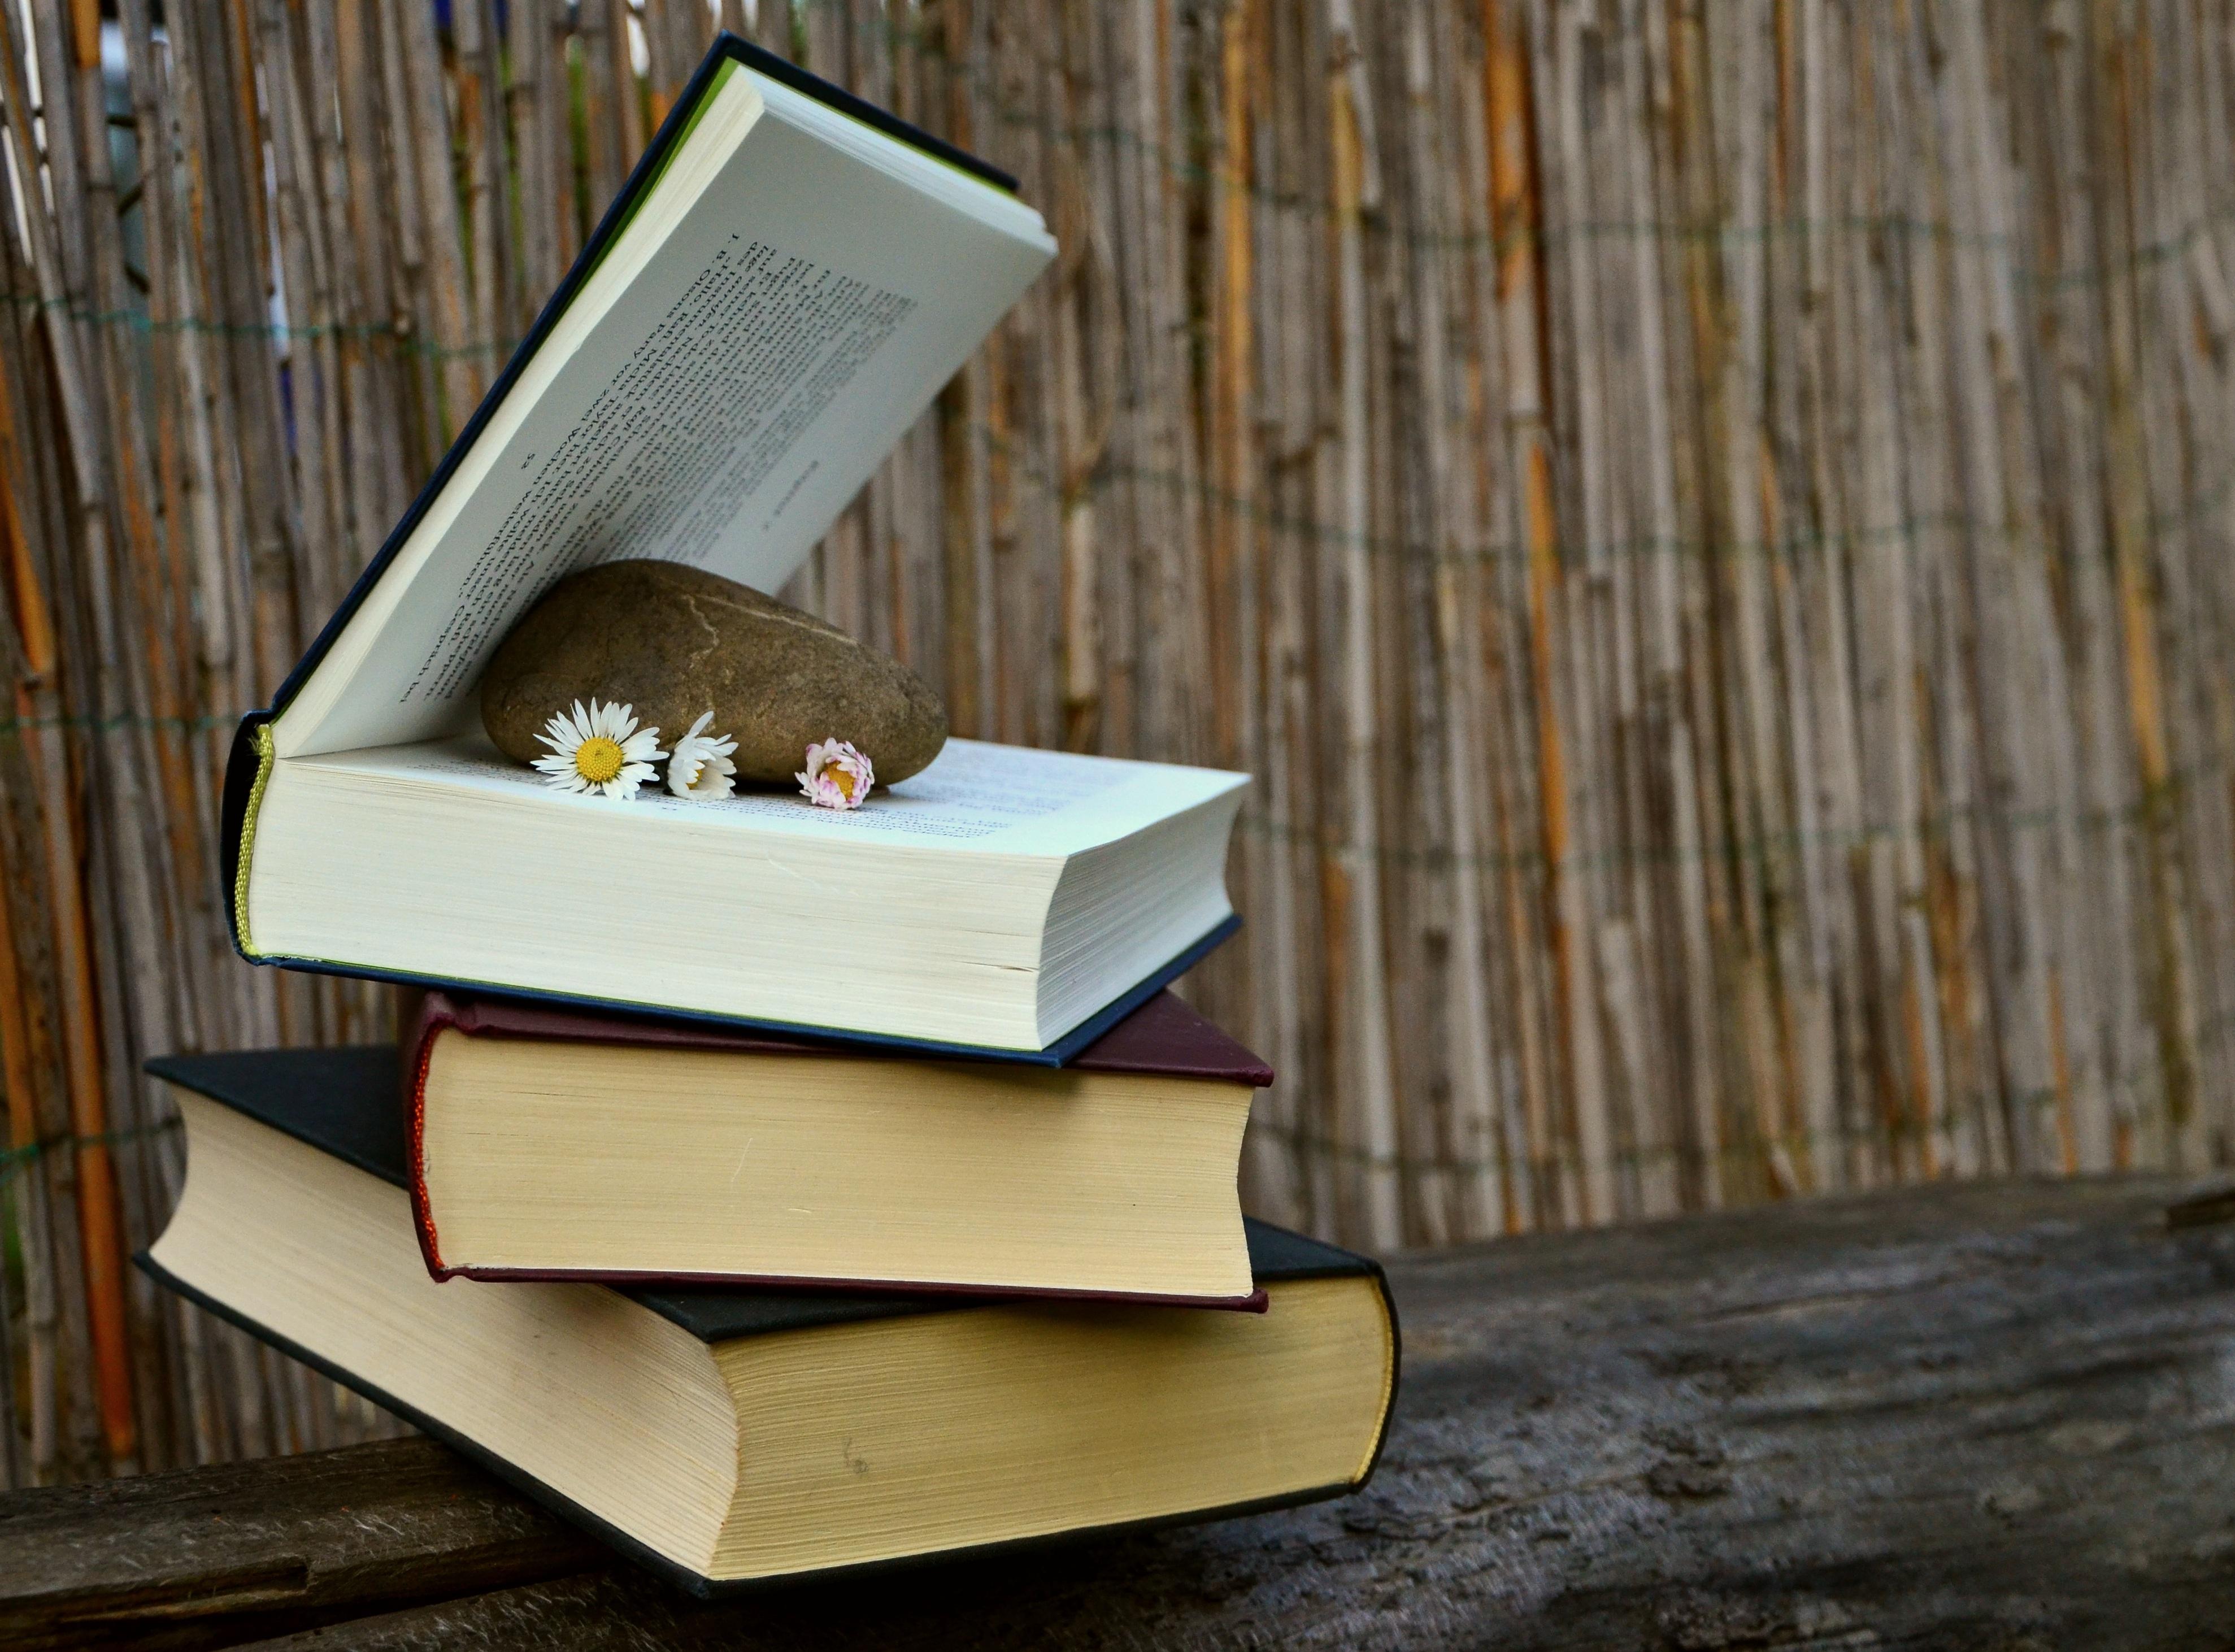 Schreiben Tabelle Lesen Holz Entspannen Sie Sich Regal Möbel Literatur  Studie Bücher Buchseiten